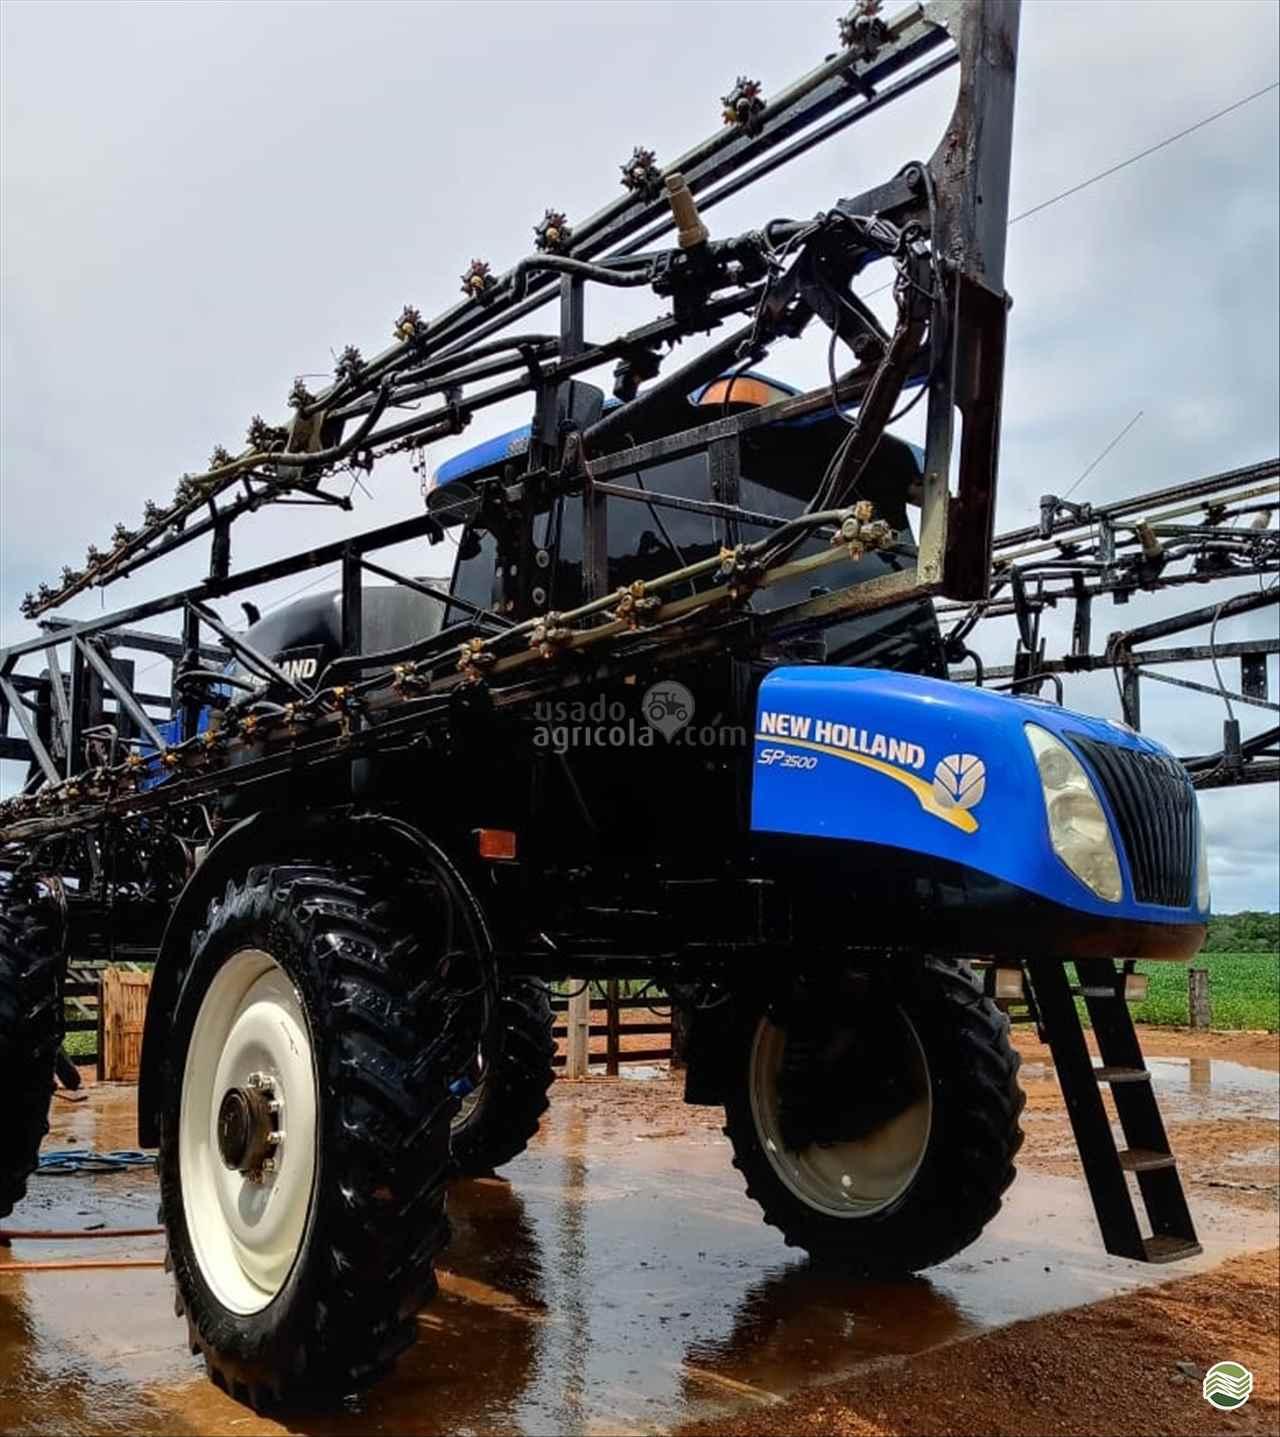 SP3500 de Usado Agricola - LUCAS DO RIO VERDE/MT